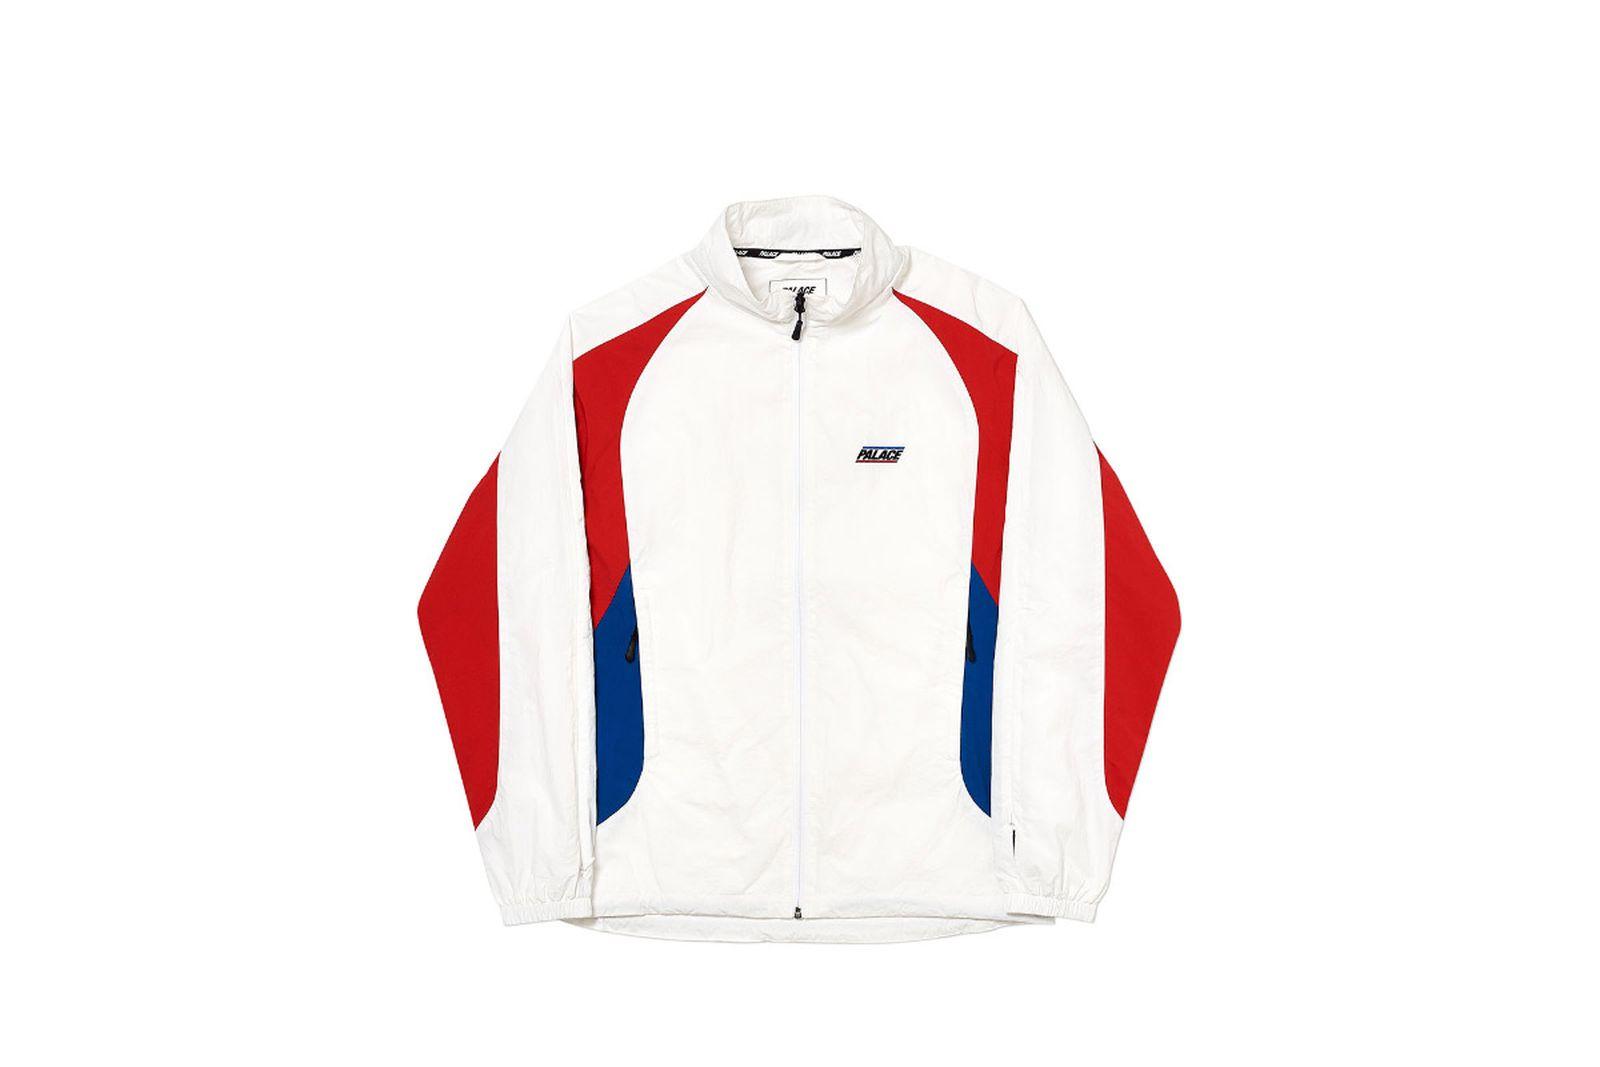 Palace 2019 Autumn Jacket revealer shell white front